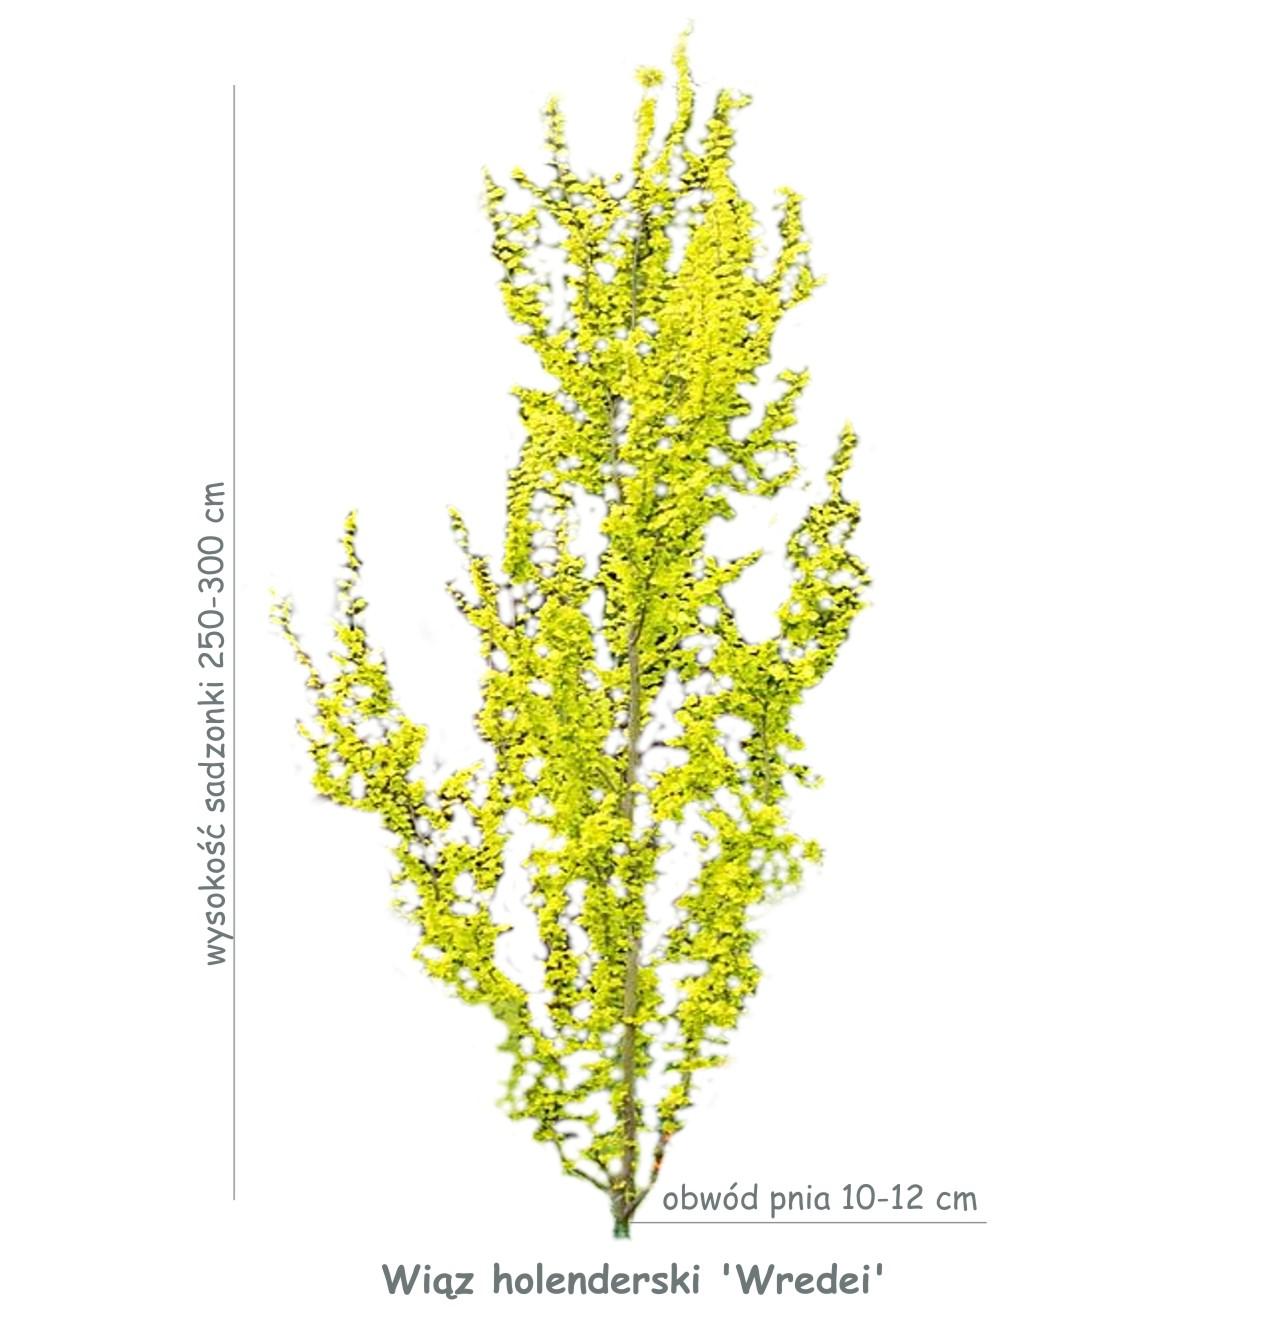 Wiąz holenderski 'Wredei' (Ulmus x hollandica) sadzonka o obwodzie pnia 10-12 cm